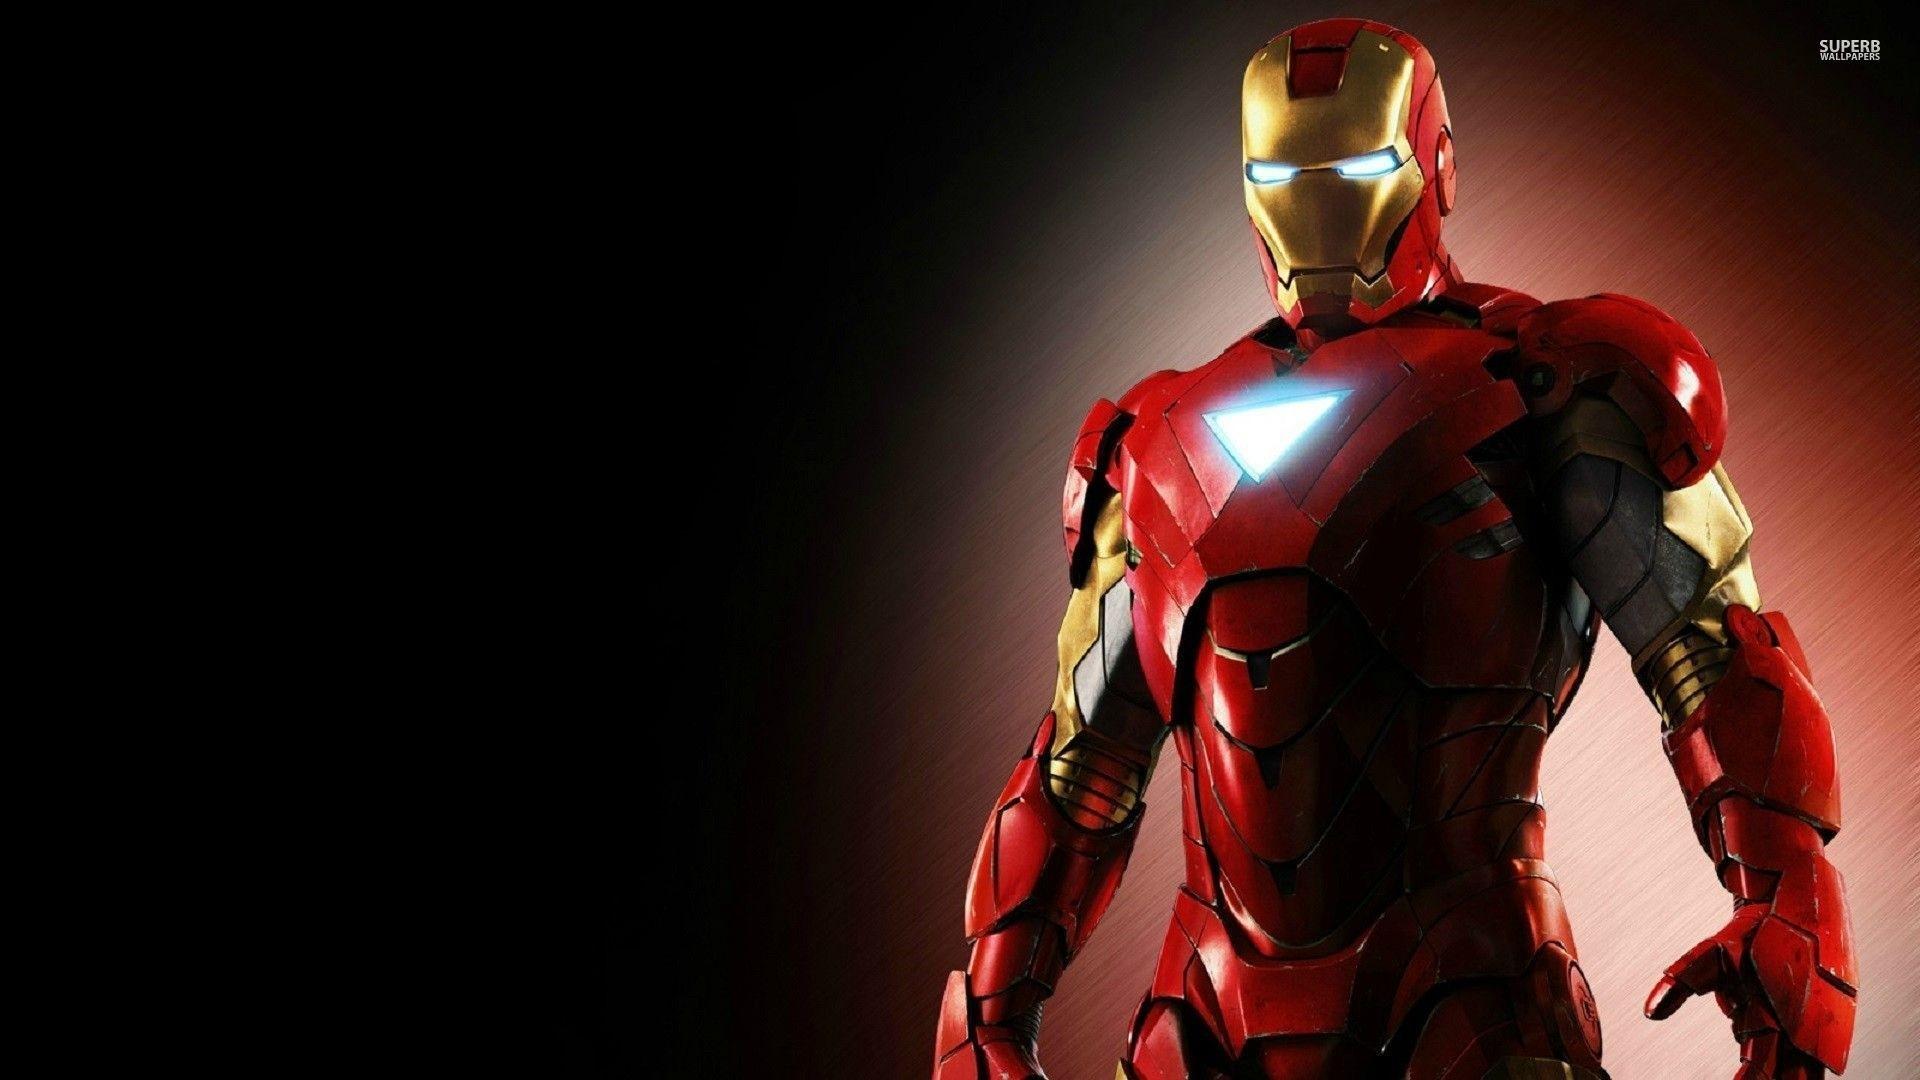 iron man hd marvel avenger